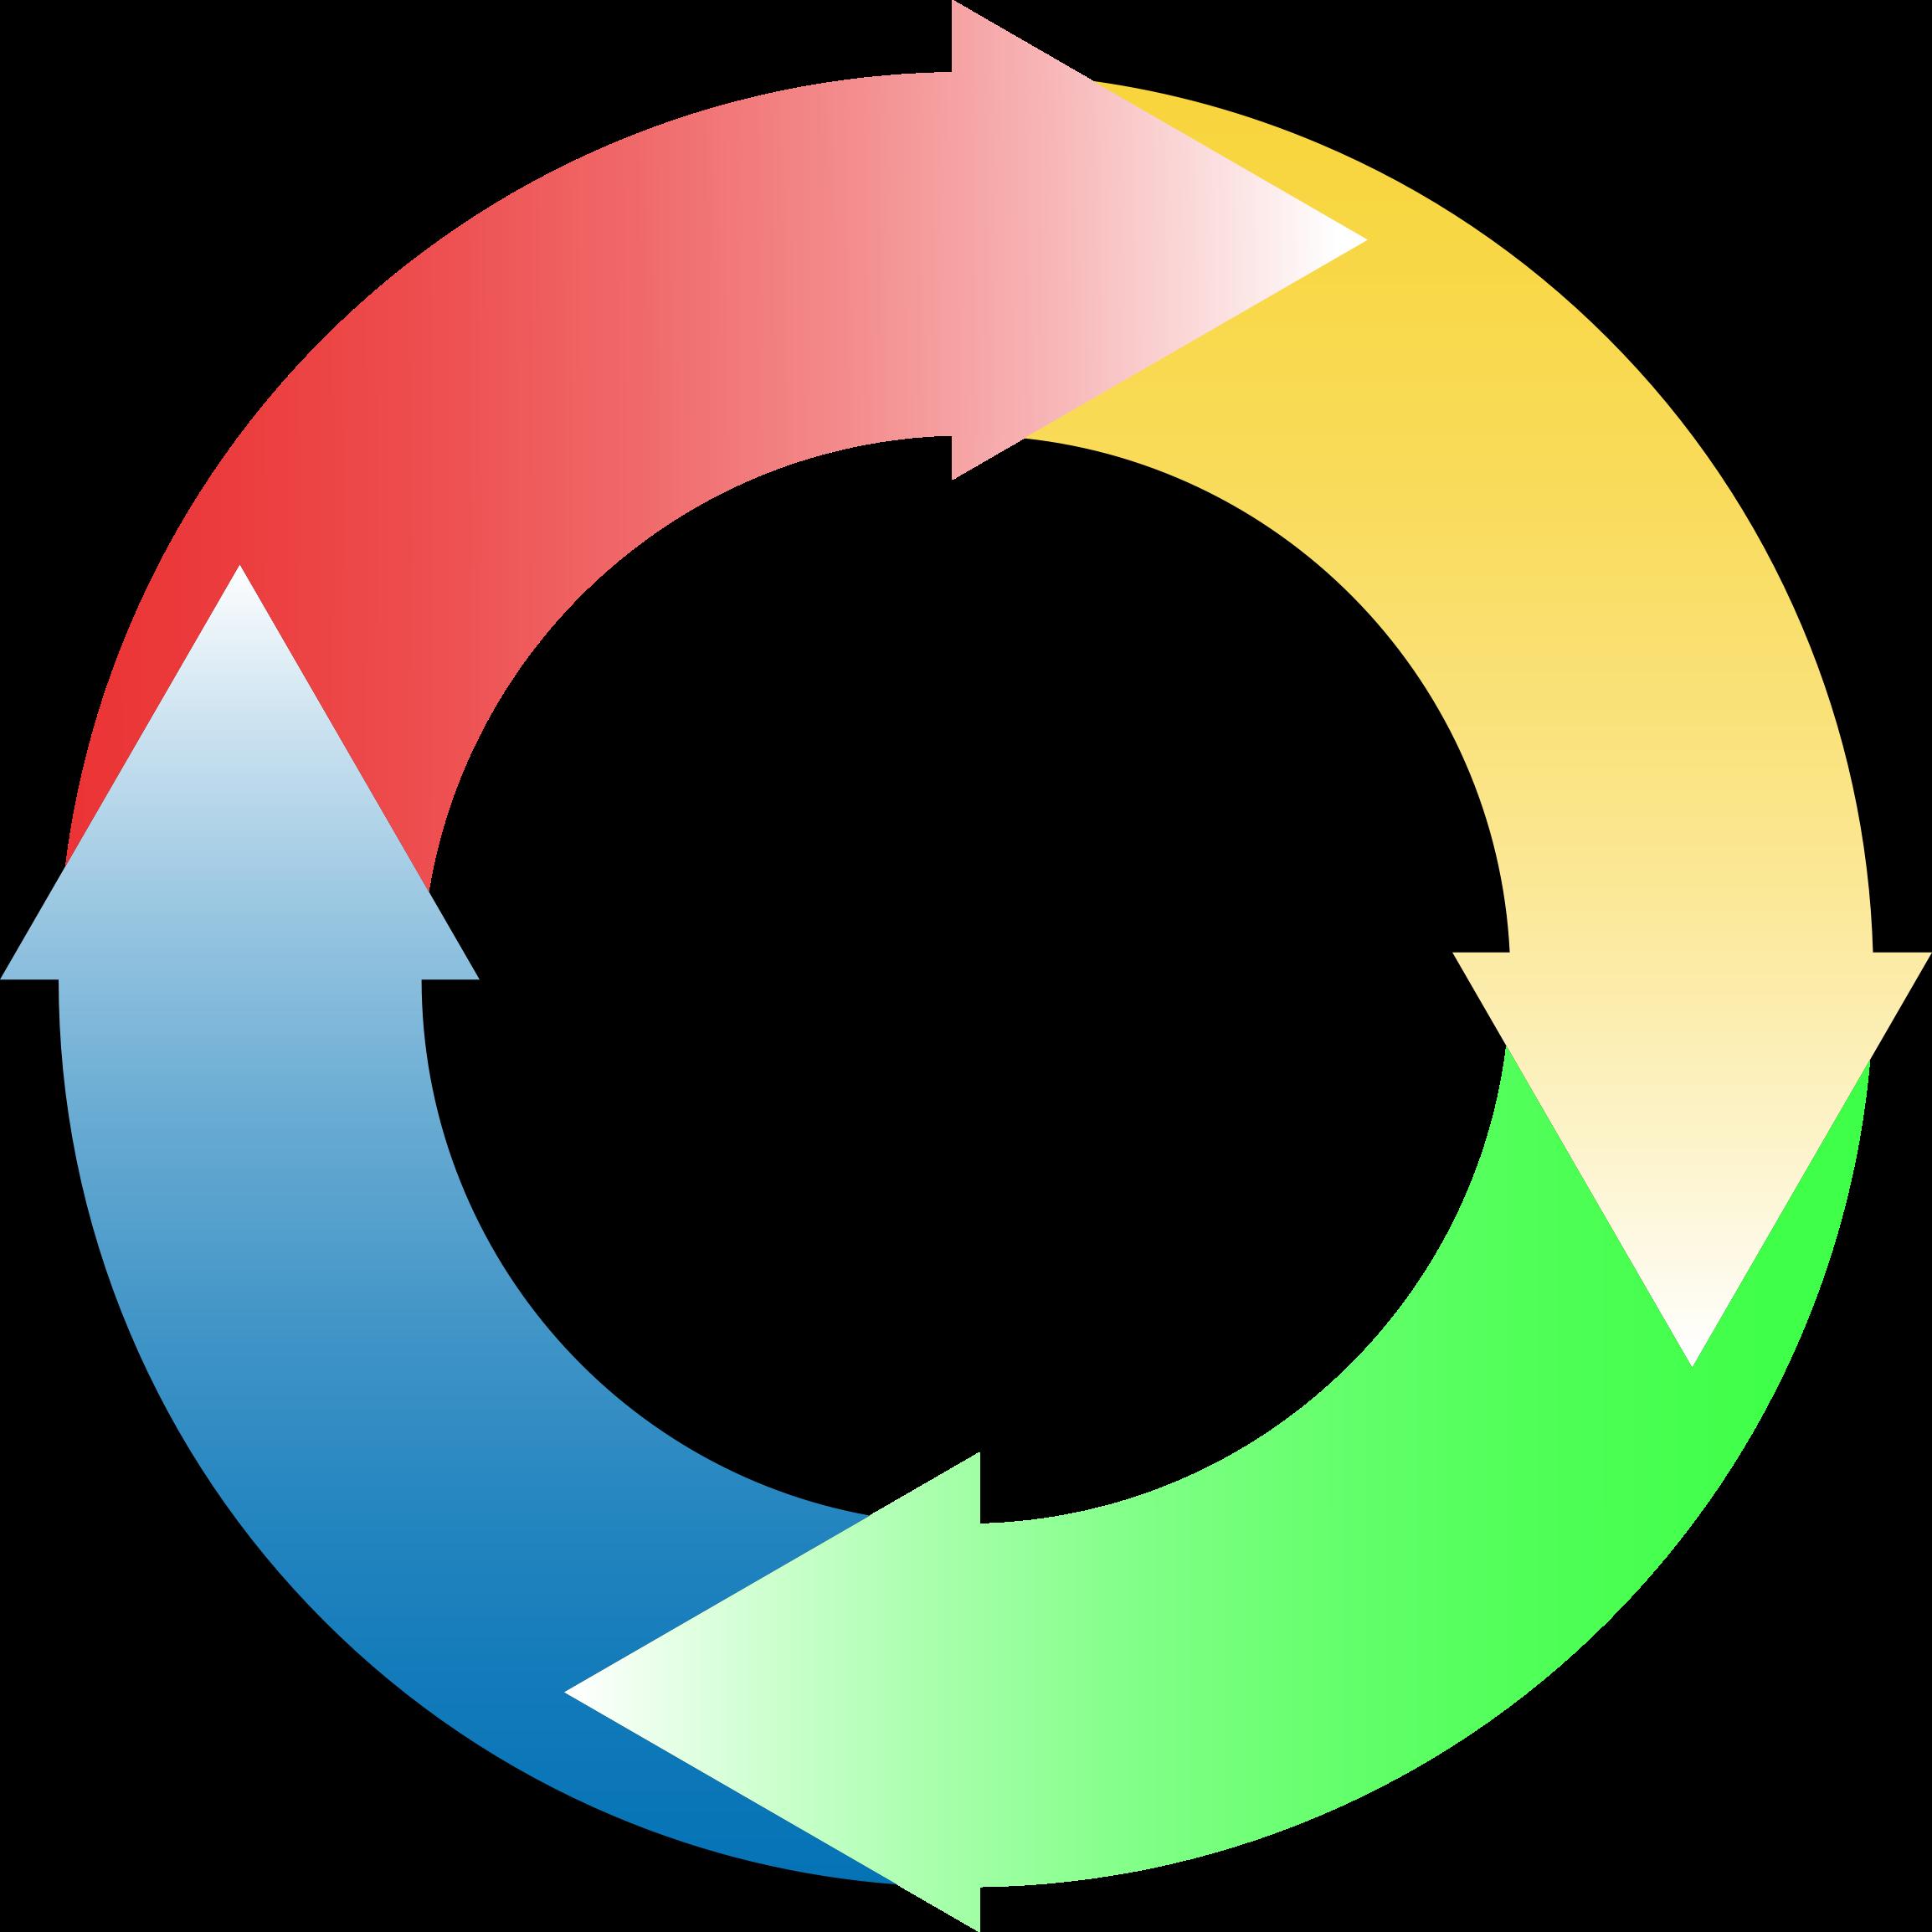 collection of circular. Clipart circle arrow